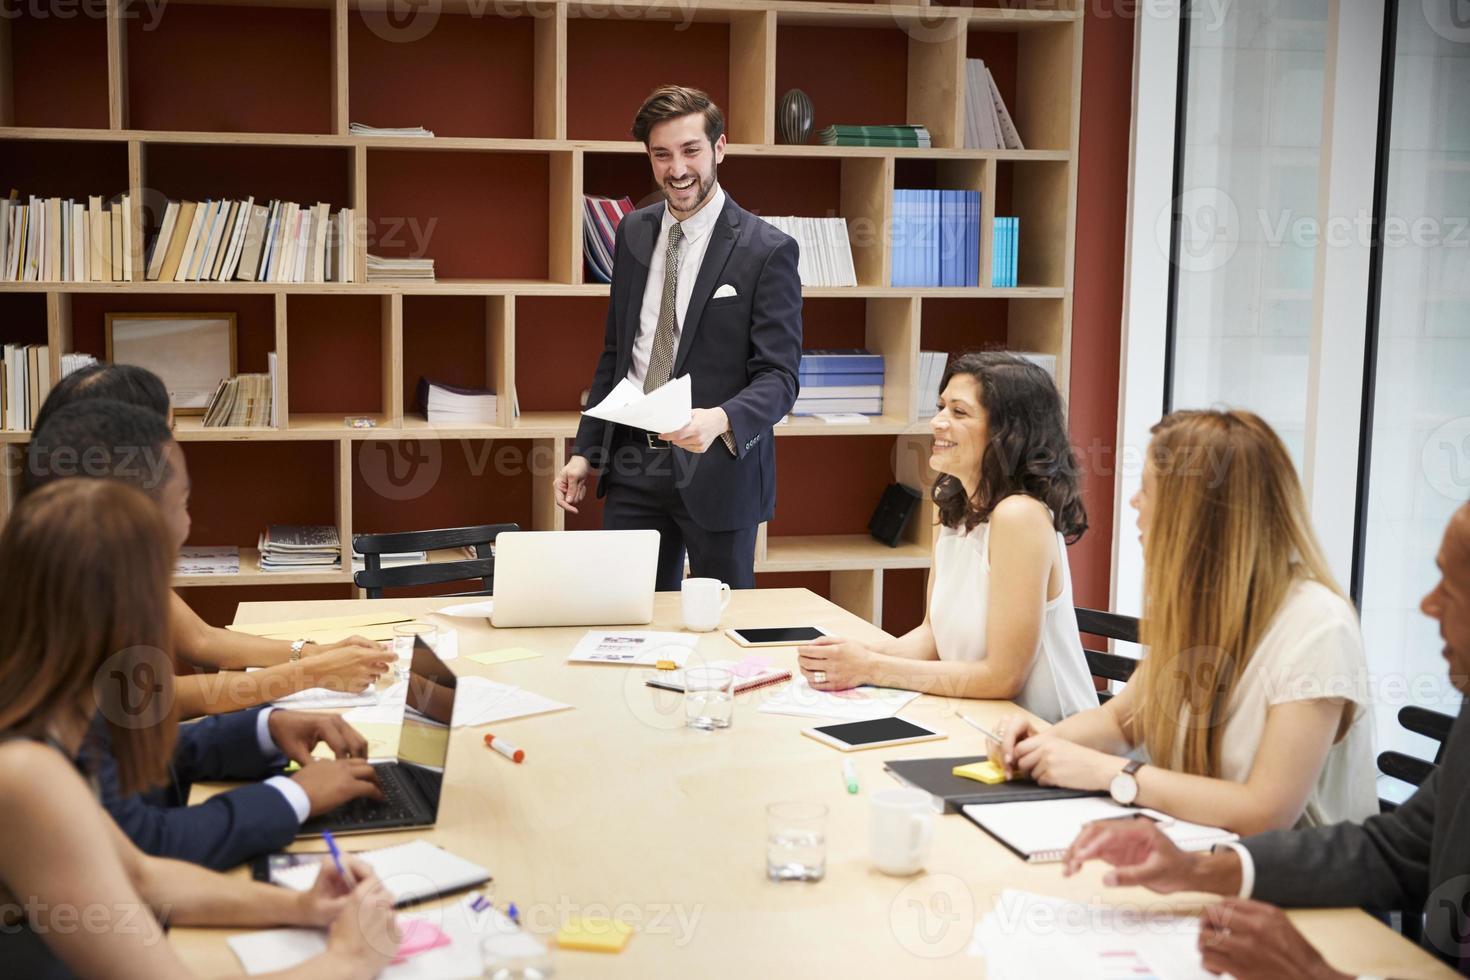 giovane manager maschio in piedi in una riunione della sala del consiglio aziendale foto